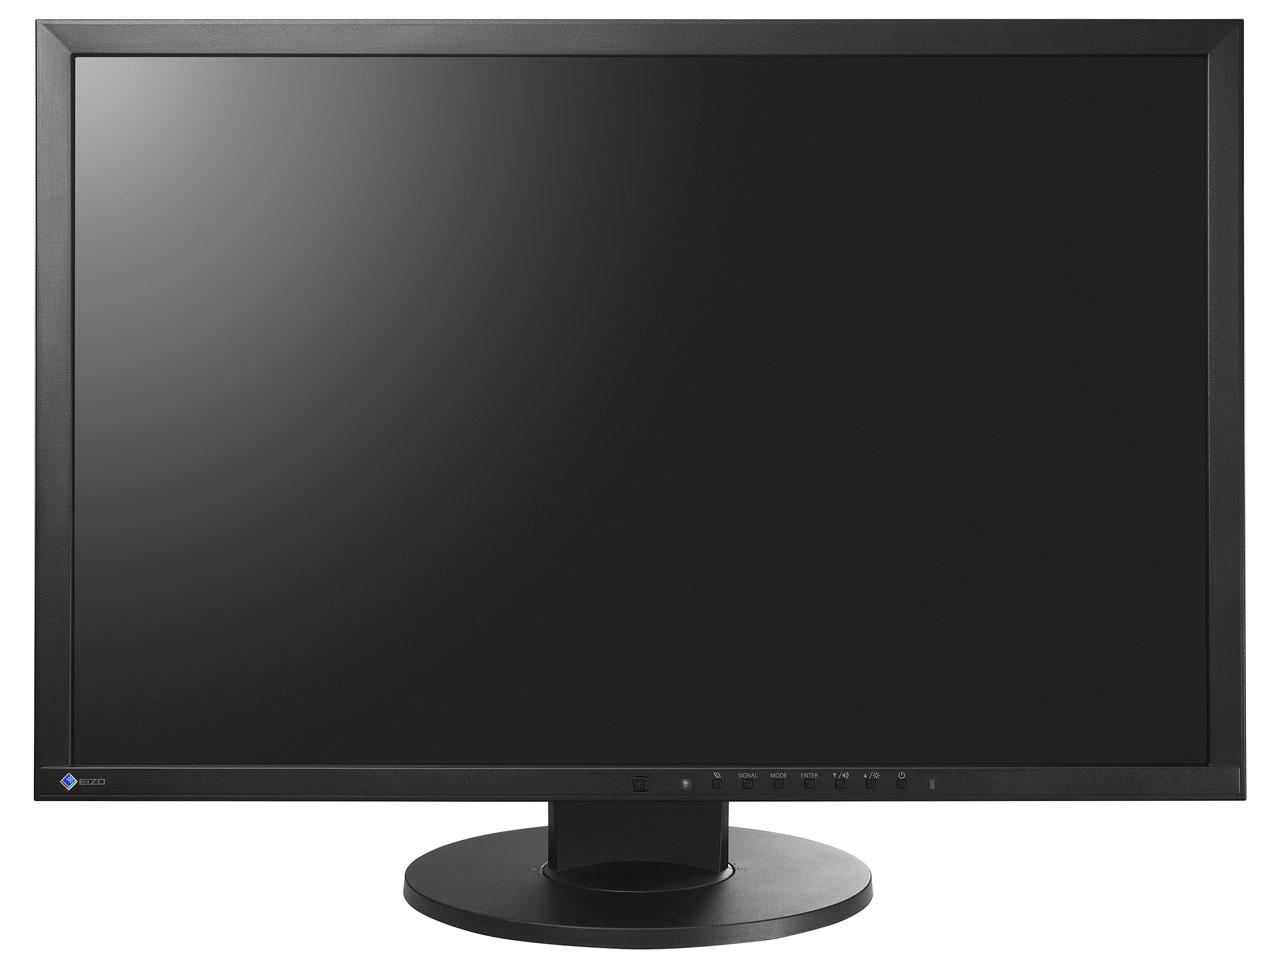 【送料無料】EIZO EV2416W-ZBK ブラック FlexScan [24.1型ワイドLEDバックライト搭載液晶モニター]【同梱配送不可】【代引き不可】【沖縄・北海道・離島配送不可】